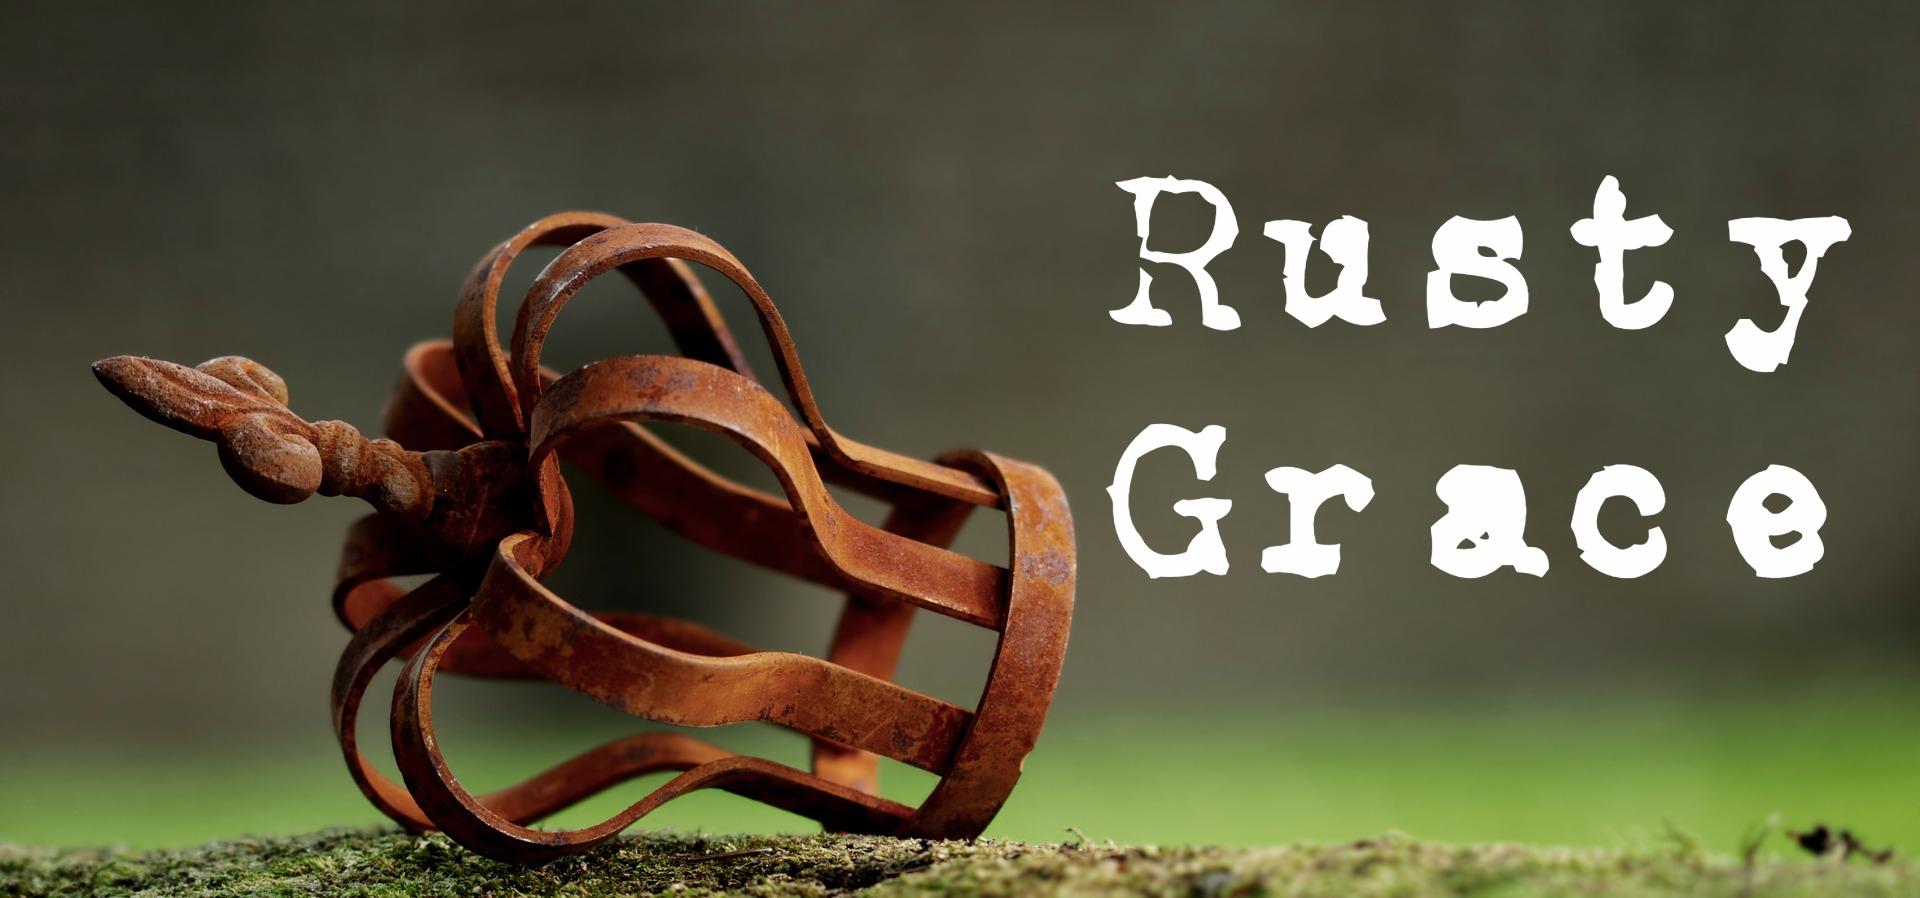 Rusty Grace.jpg